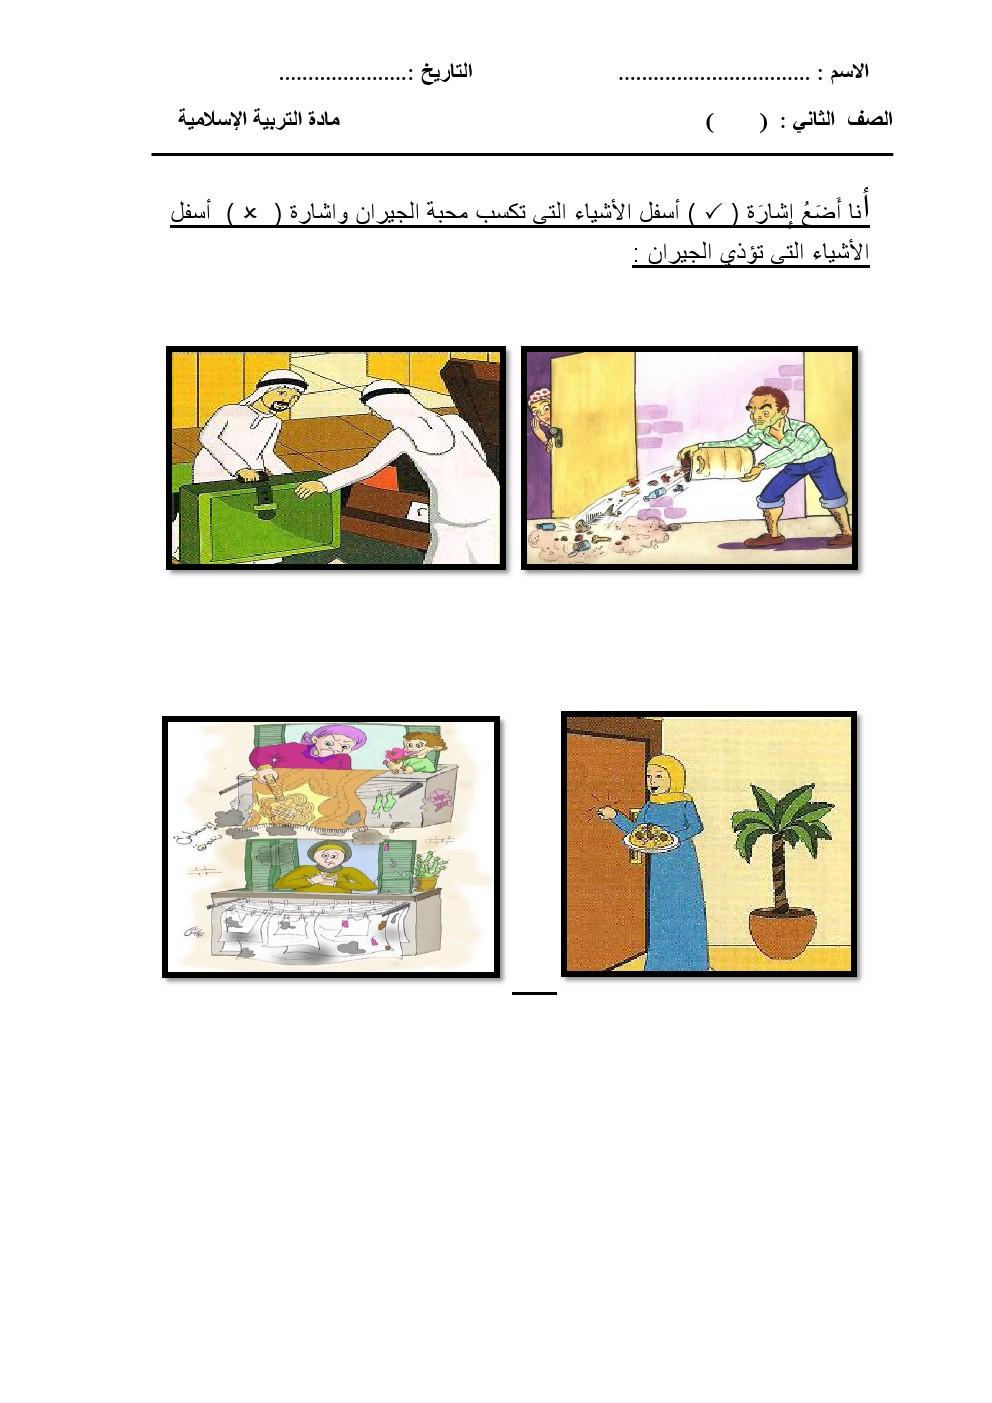 حل كتاب التربية الإسلامية للصف الخامس ليبيا